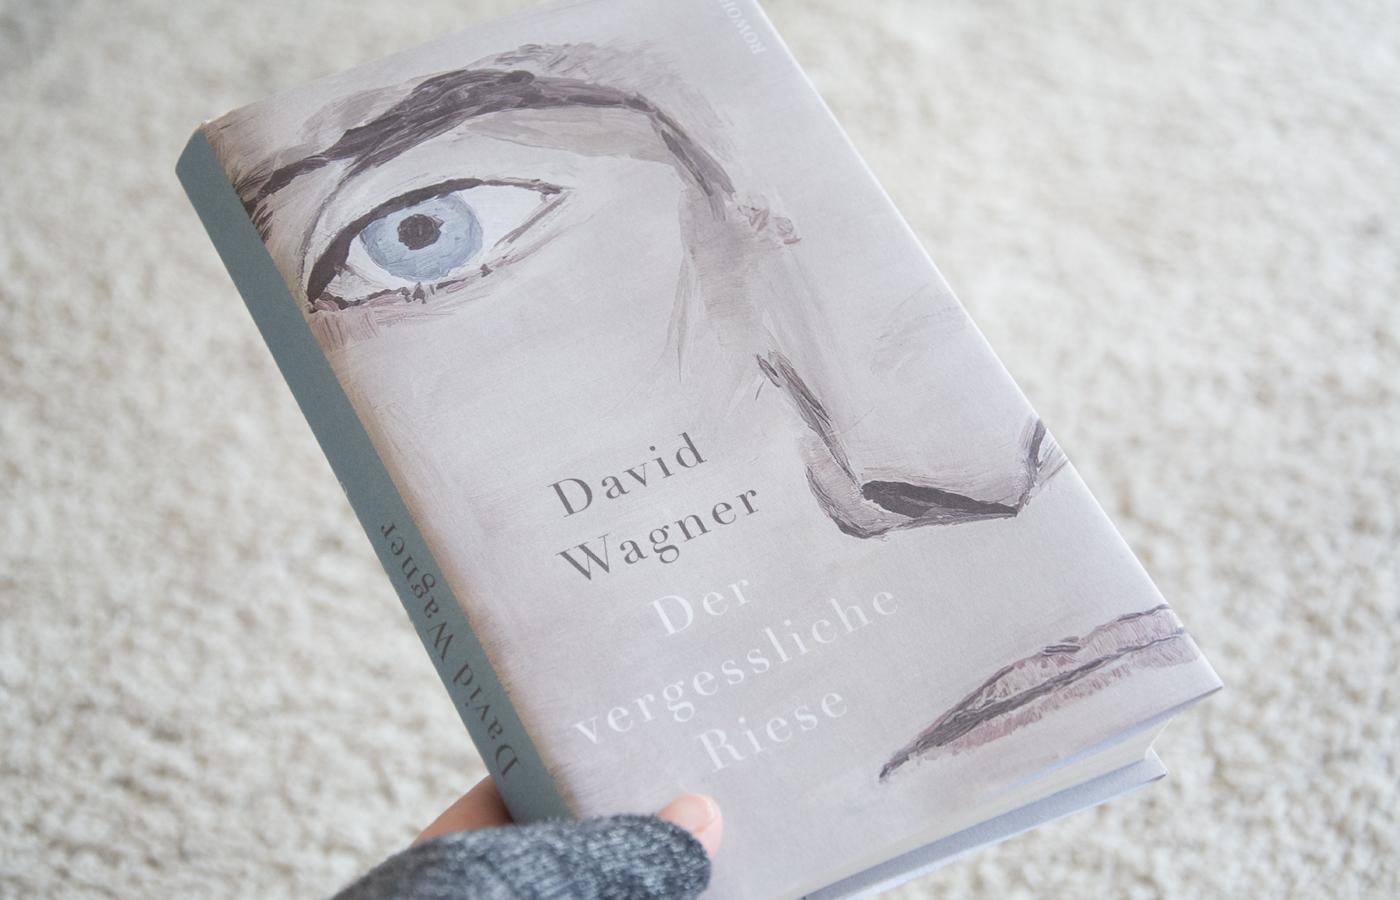 Literaturbesprechung:  »Der vergessliche Riese« von David Wagner